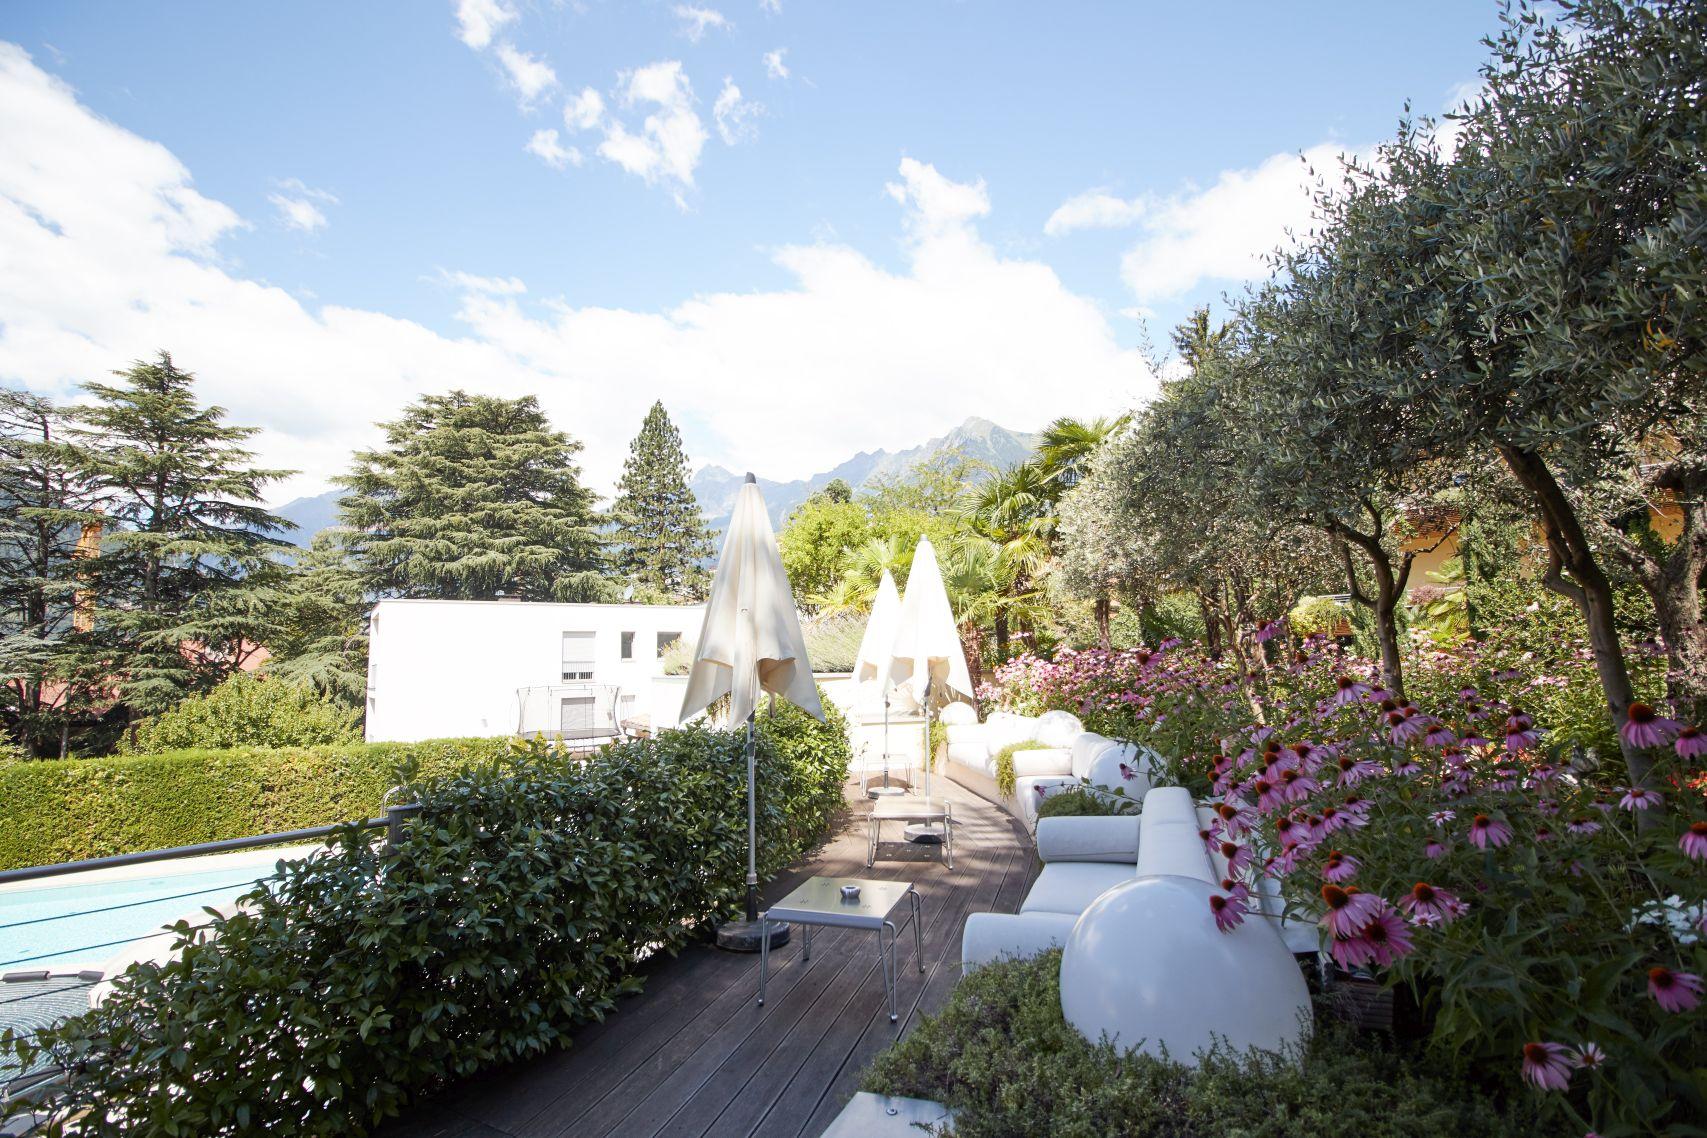 Terrasse des Parkhotel Mignon als eine der Meran Sehenswürdigkeiten